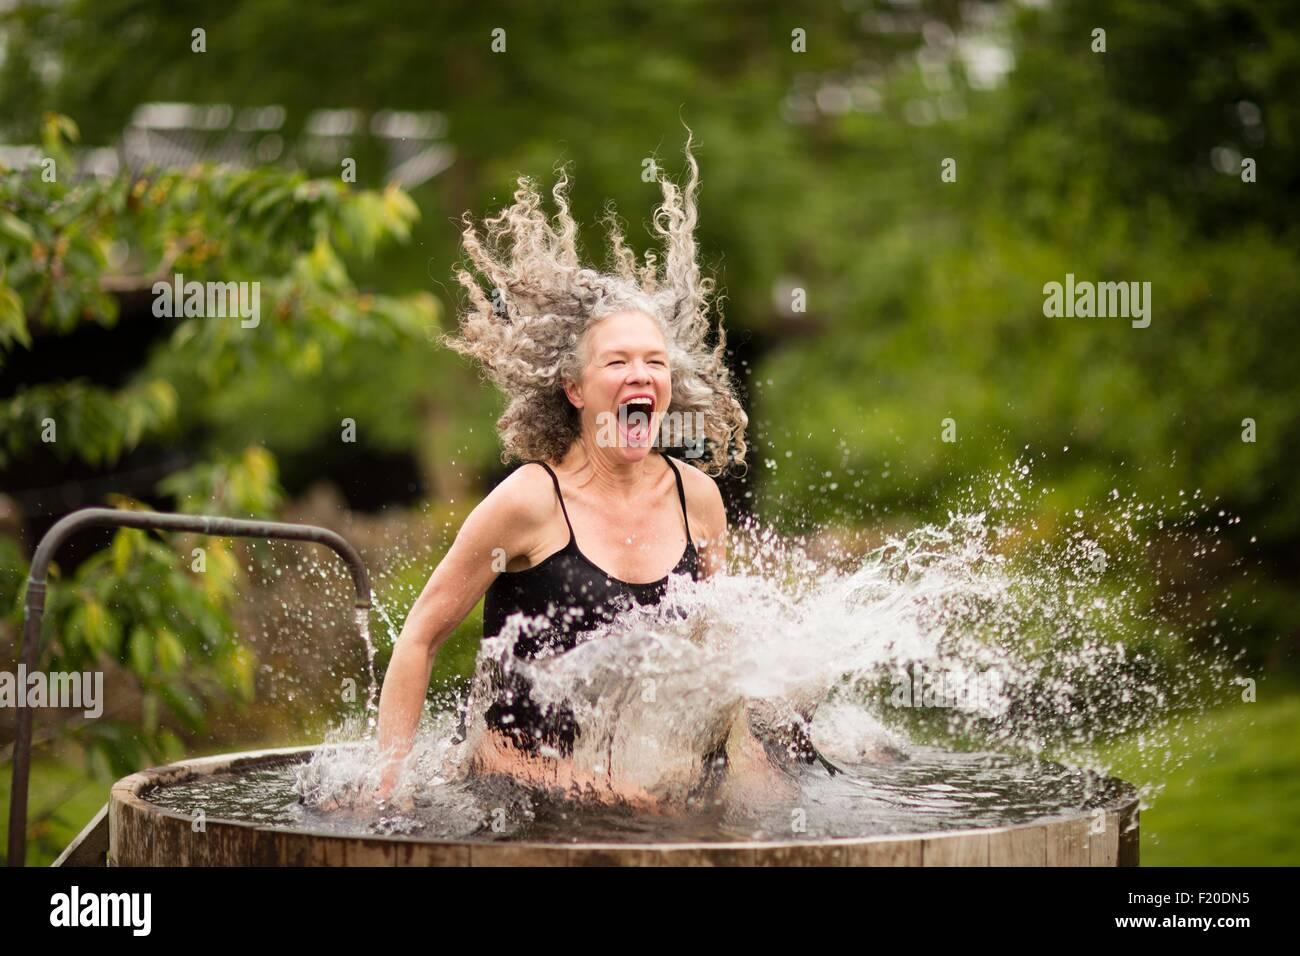 Donna matura schizzi in acqua fredda vasca al rifugio eco Immagini Stock